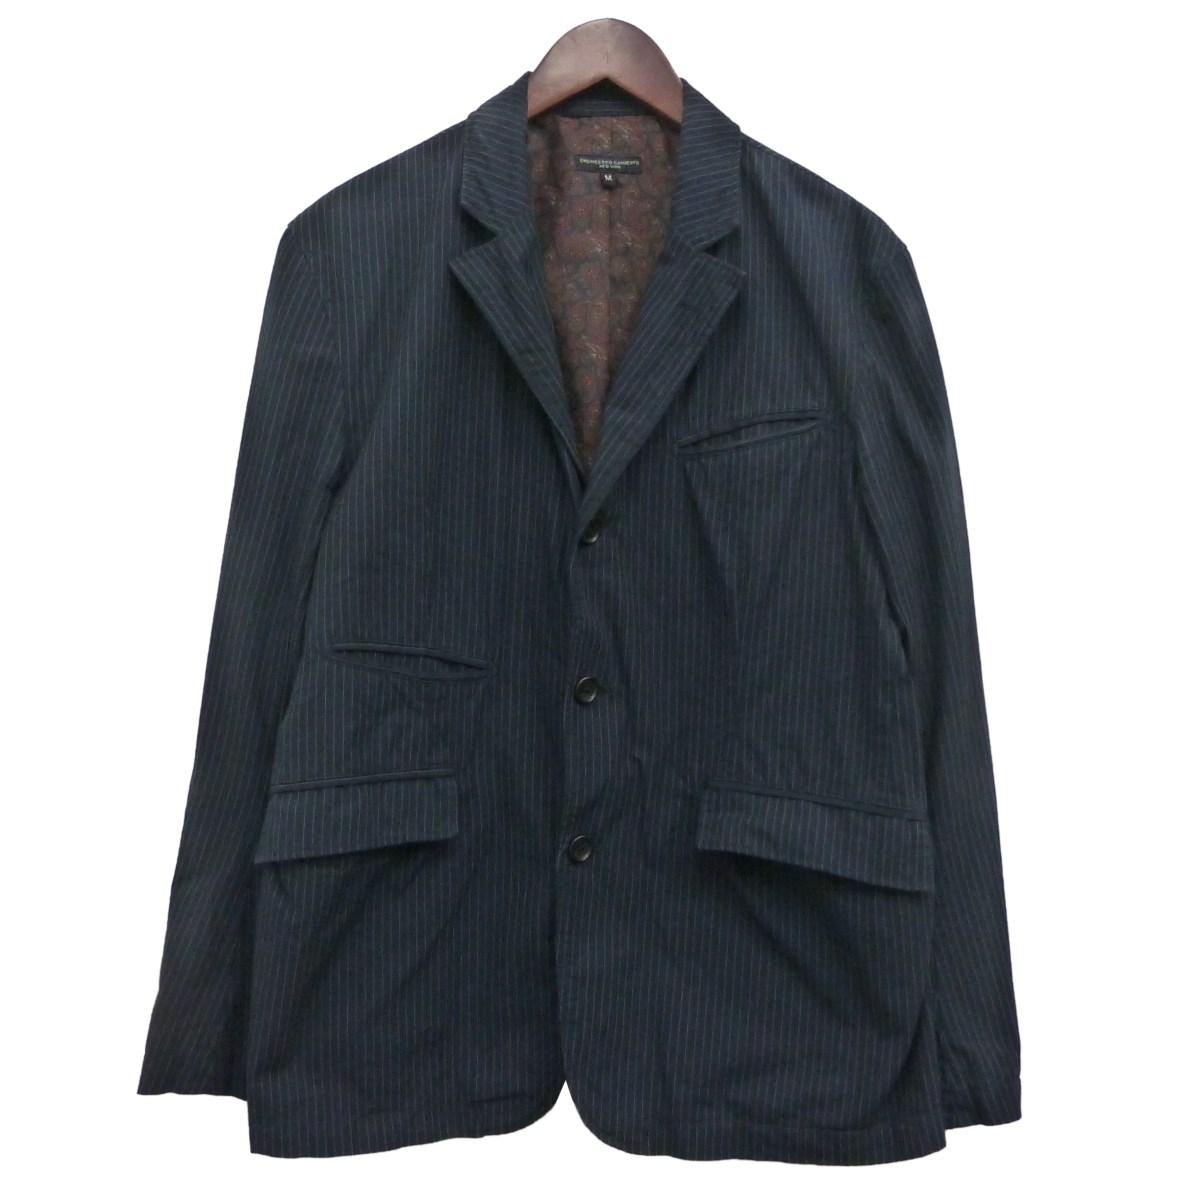 【中古】Engineered Garments 「Andover Jacket」ノッチド3Bストライプジャケット ネイビー サイズ:M 【300120】(エンジニアードガーメンツ)